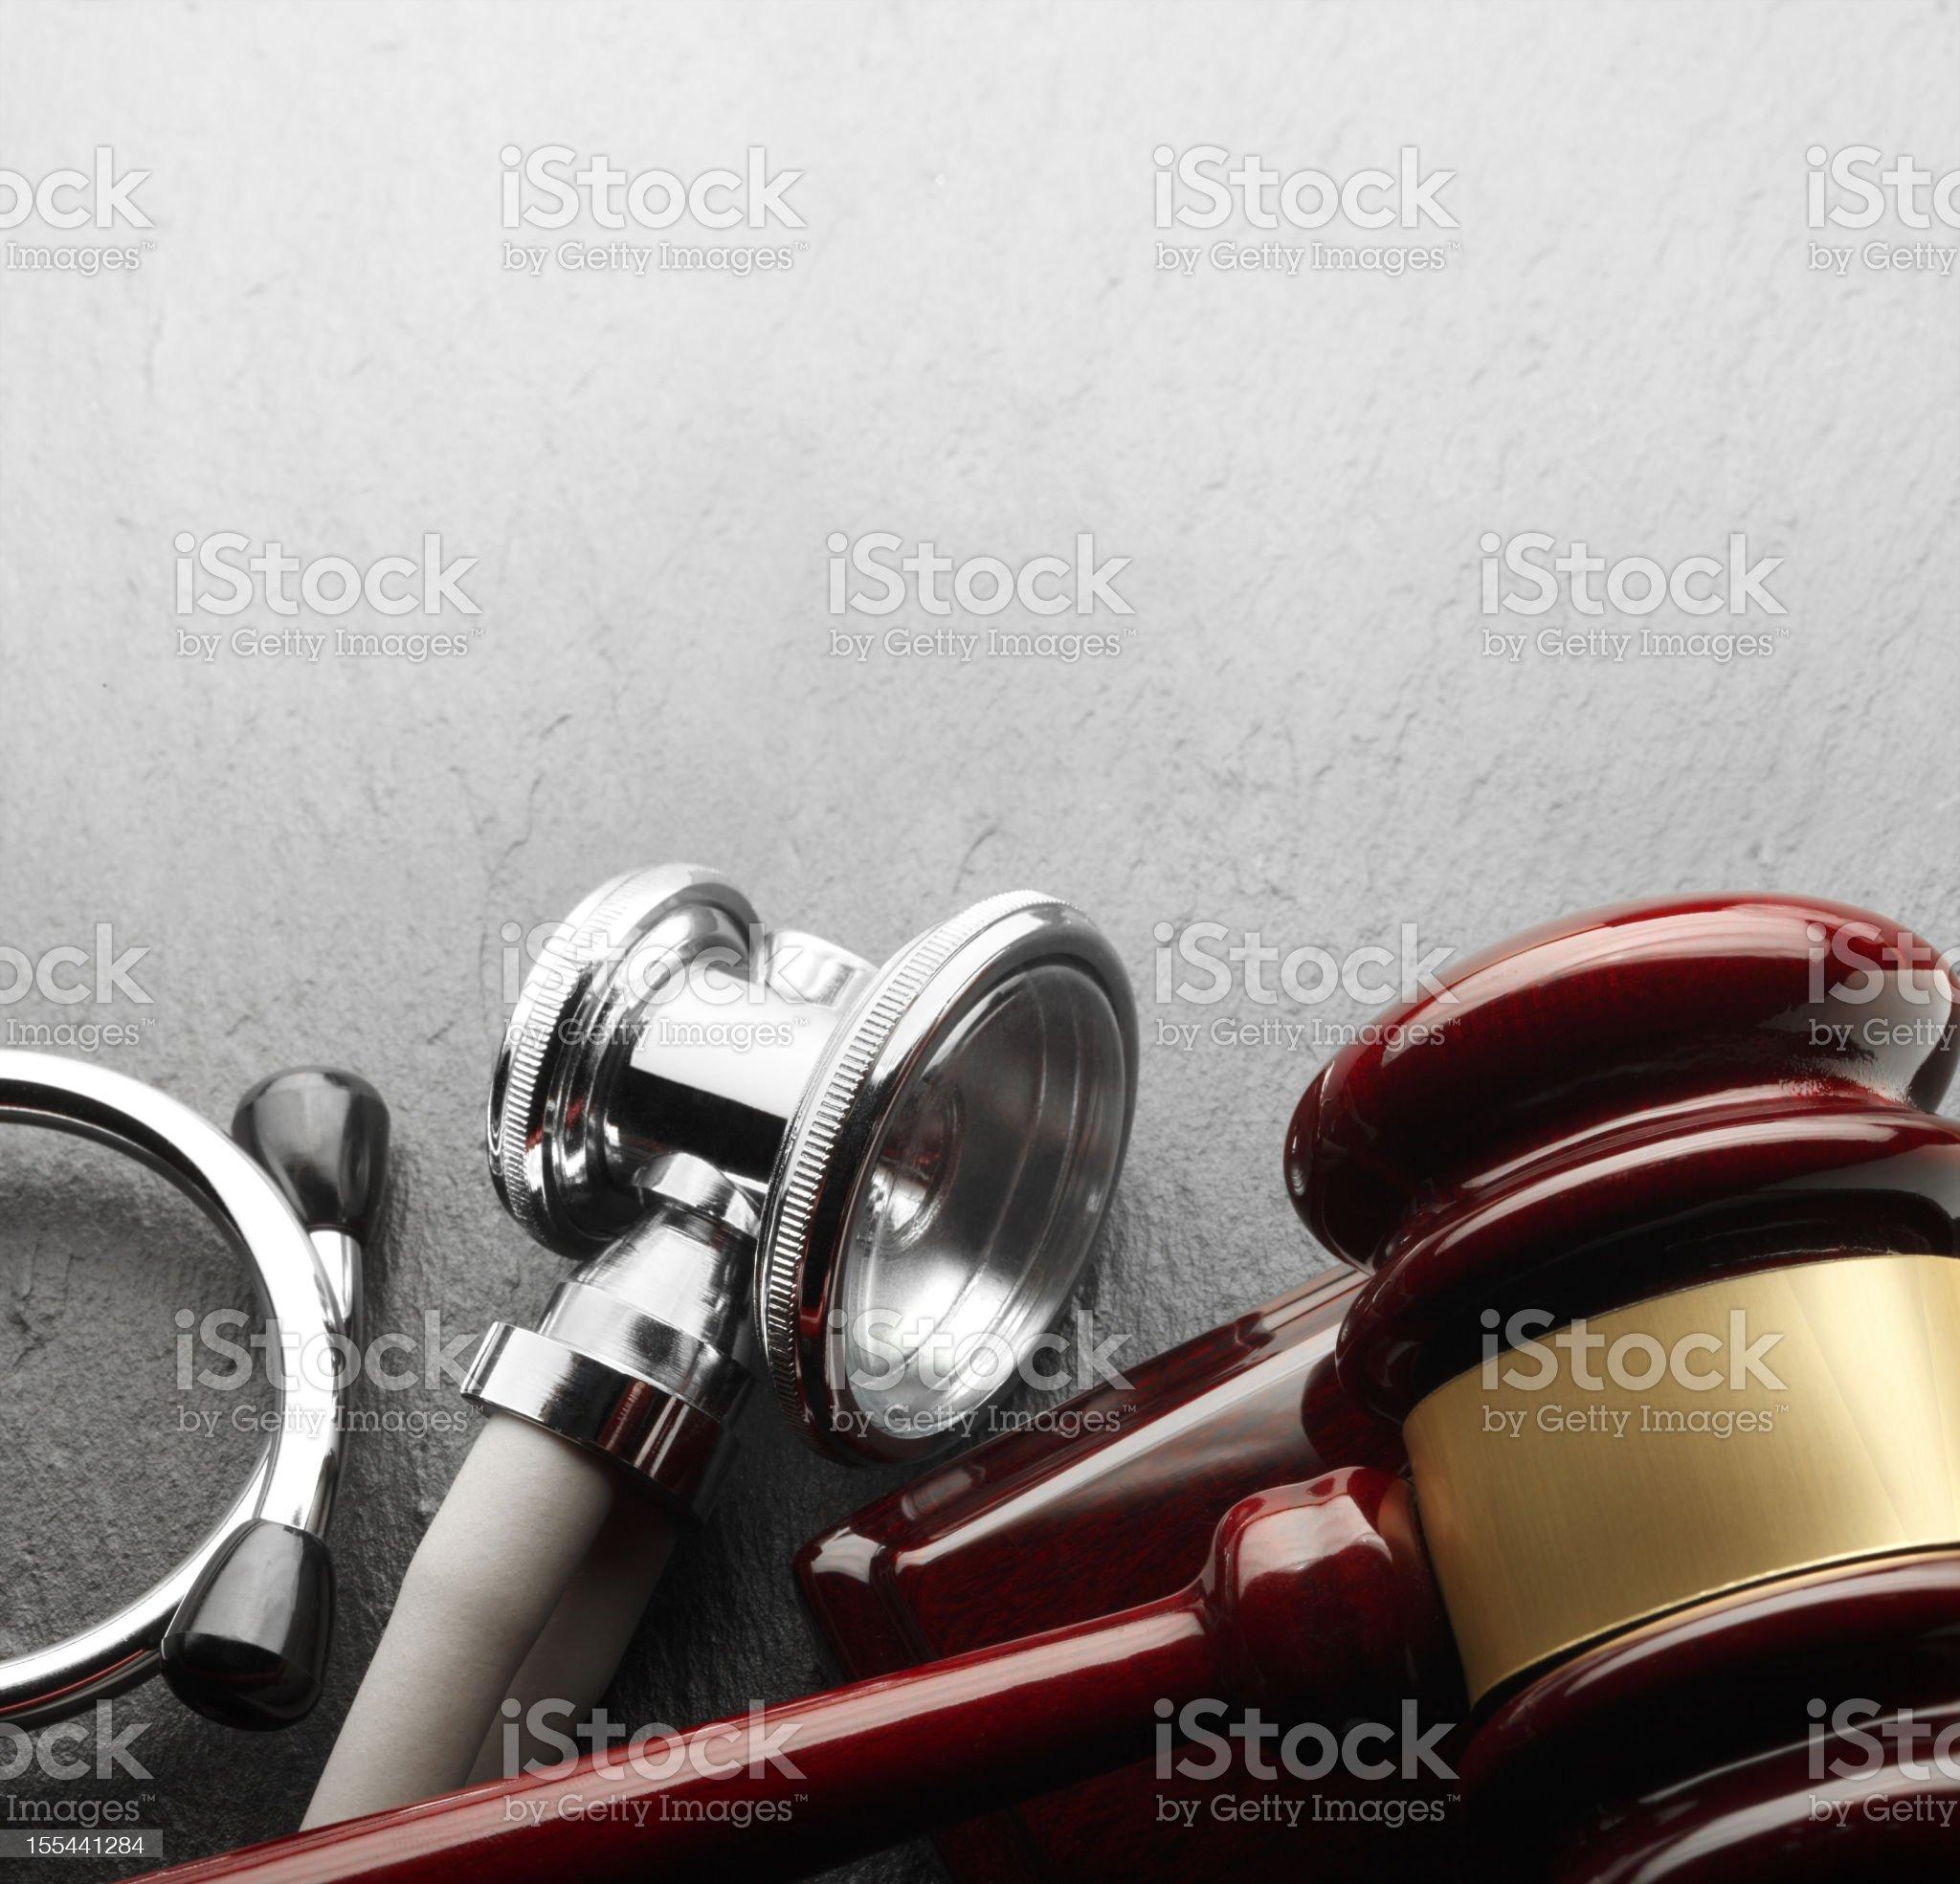 Gavel and stethoscope on black slate background royalty-free stock photo